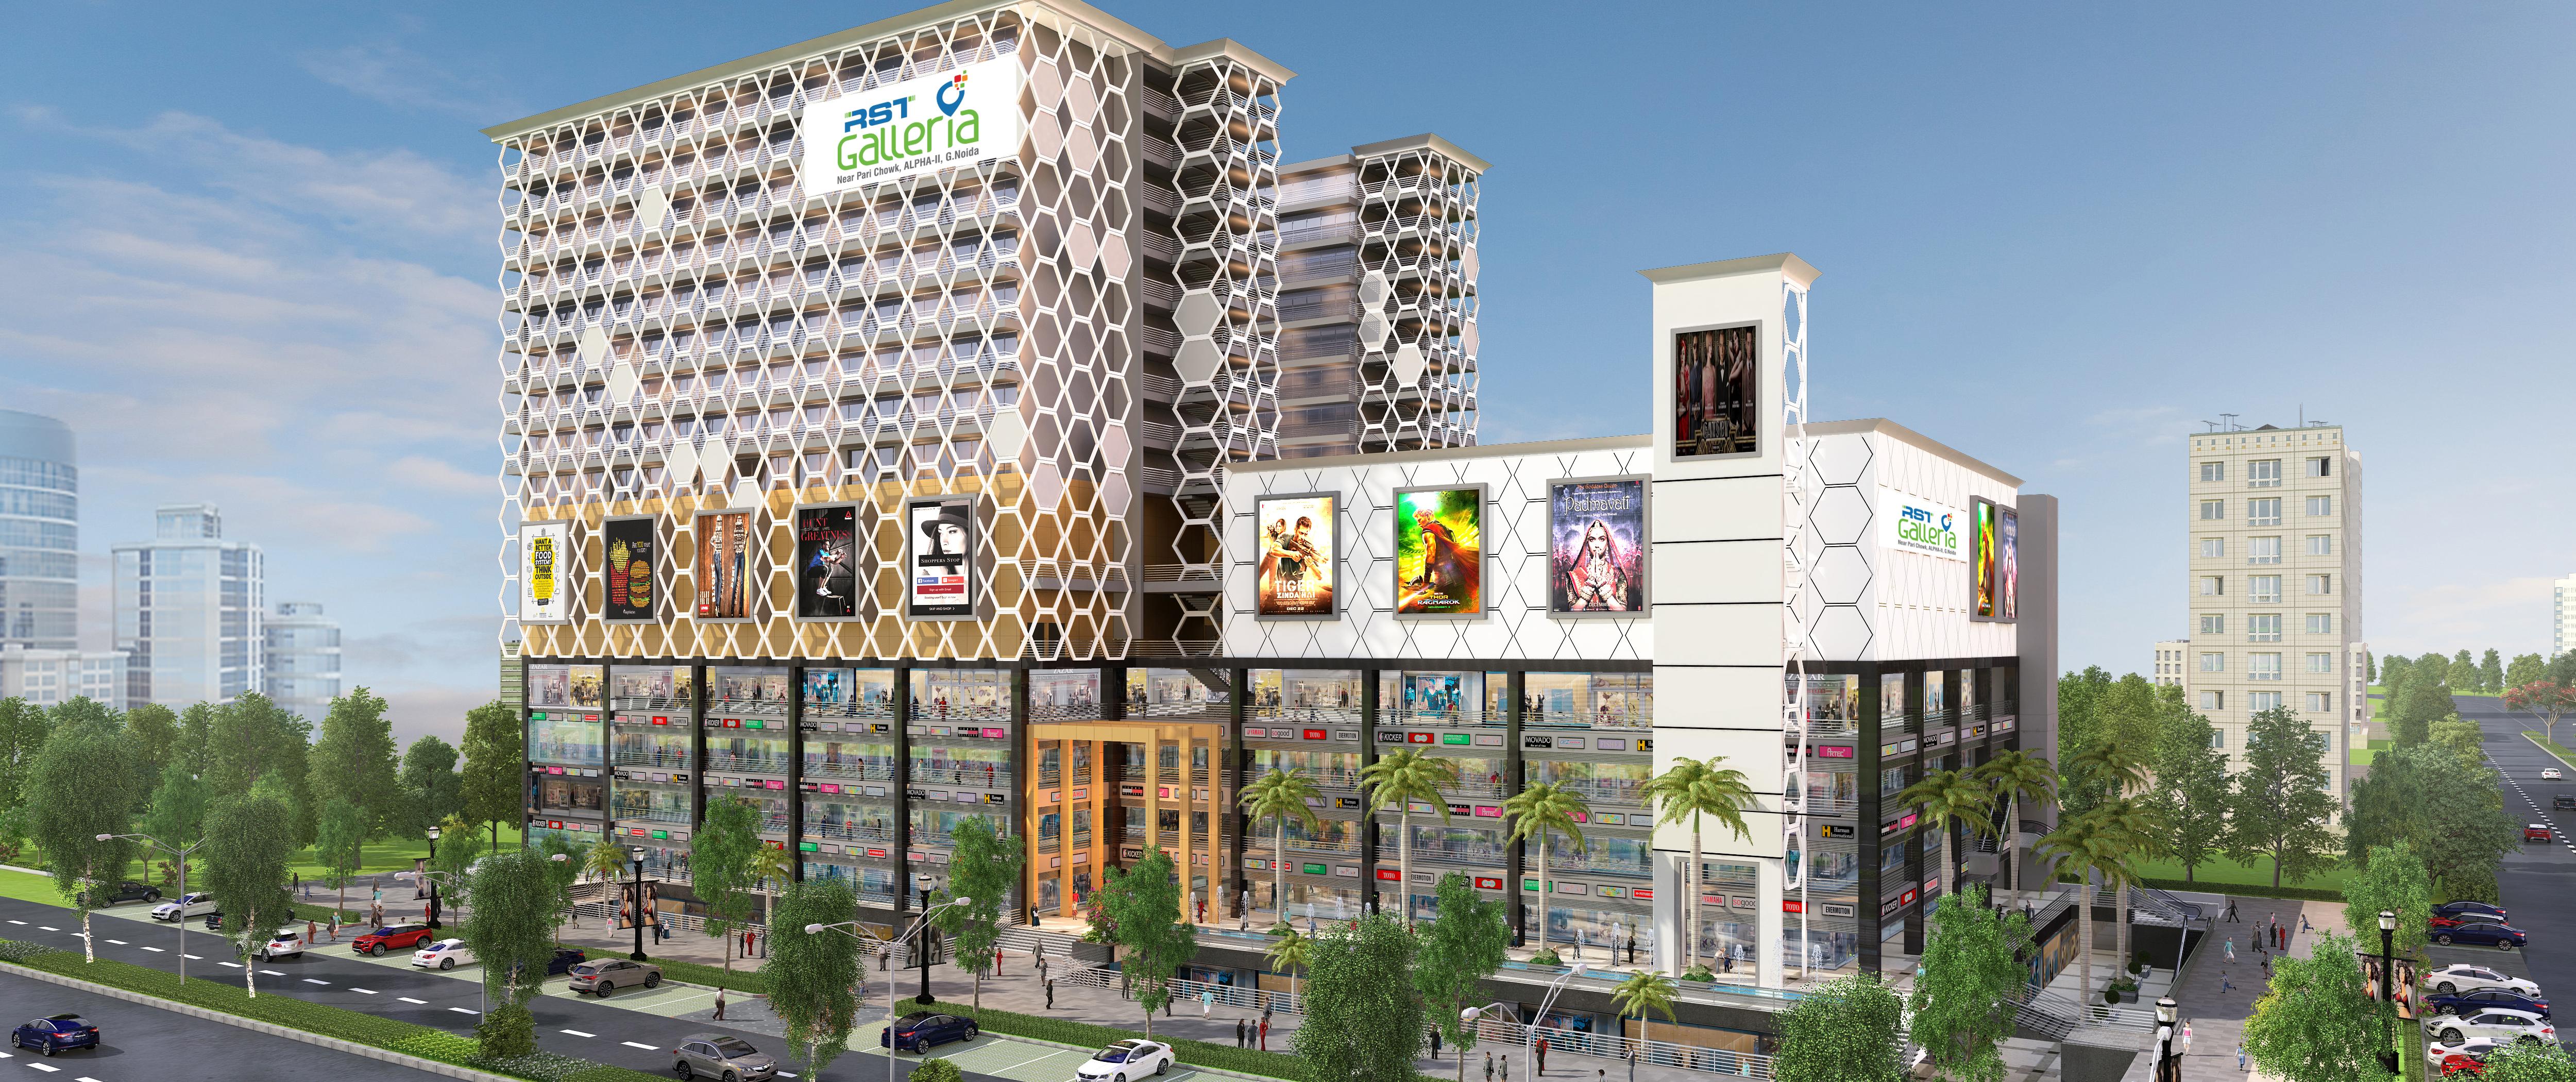 RST Galleria